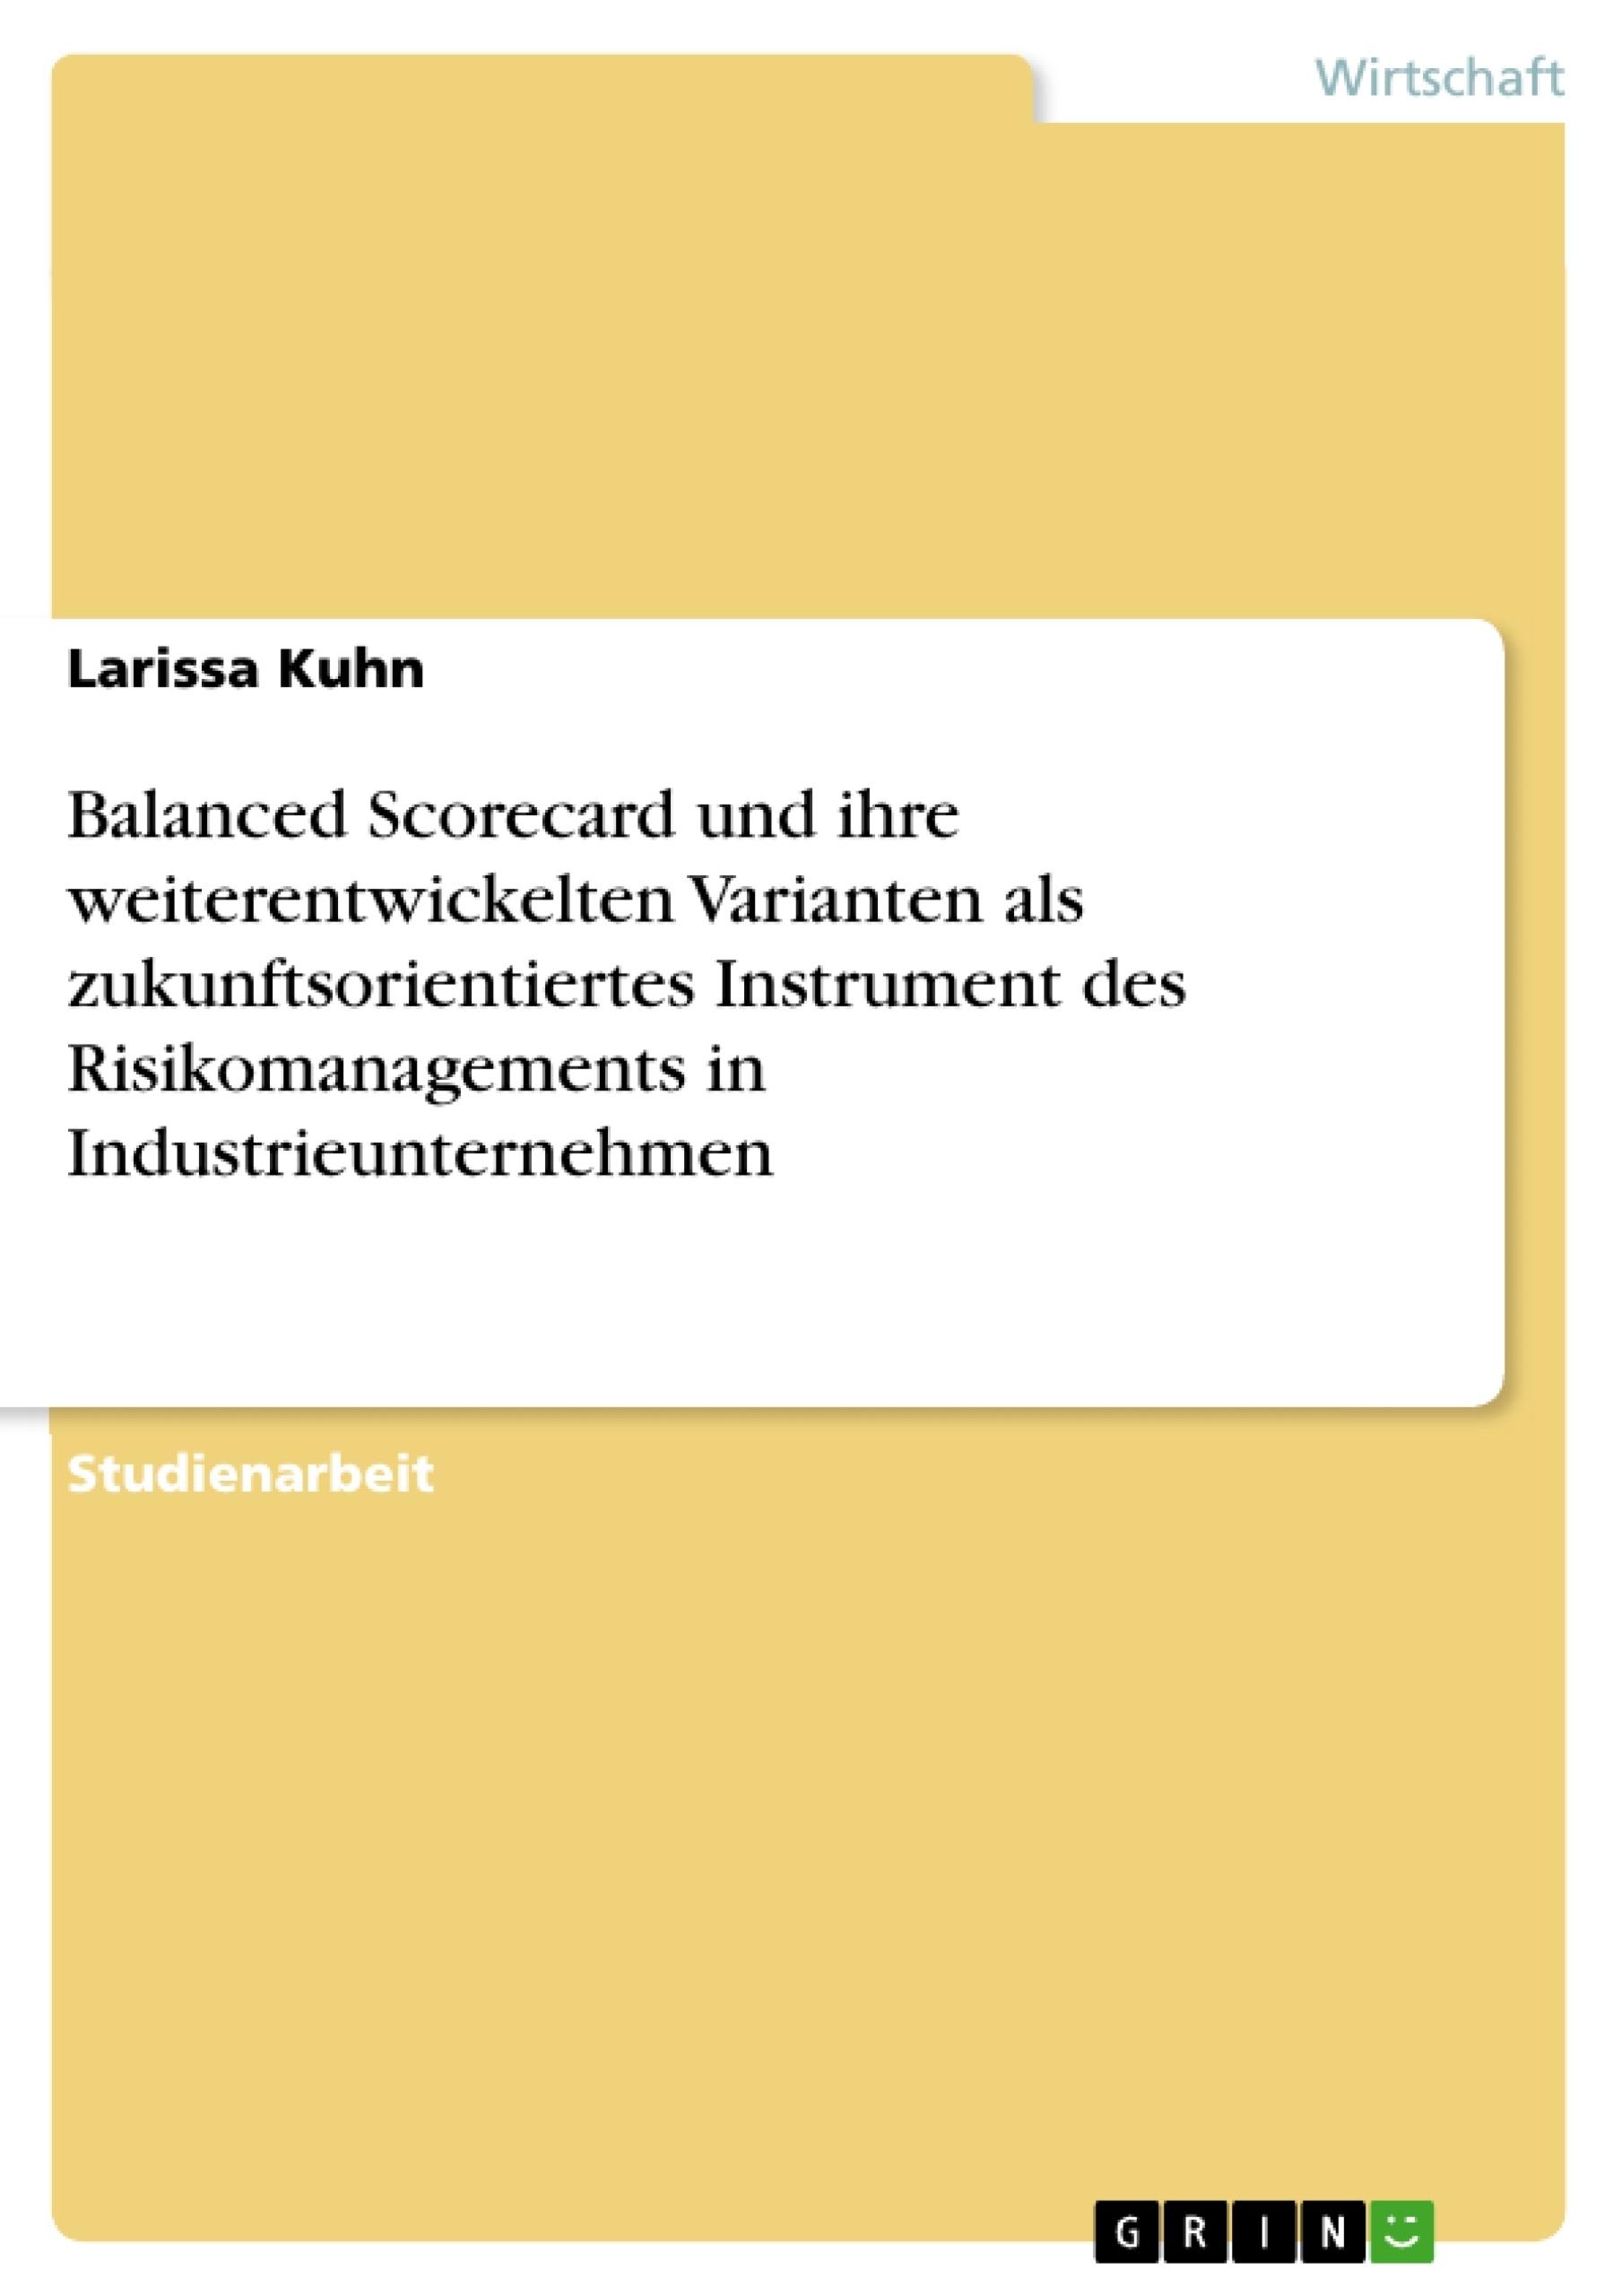 Titel: Balanced Scorecard und ihre weiterentwickelten Varianten als zukunftsorientiertes Instrument des Risikomanagements in Industrieunternehmen